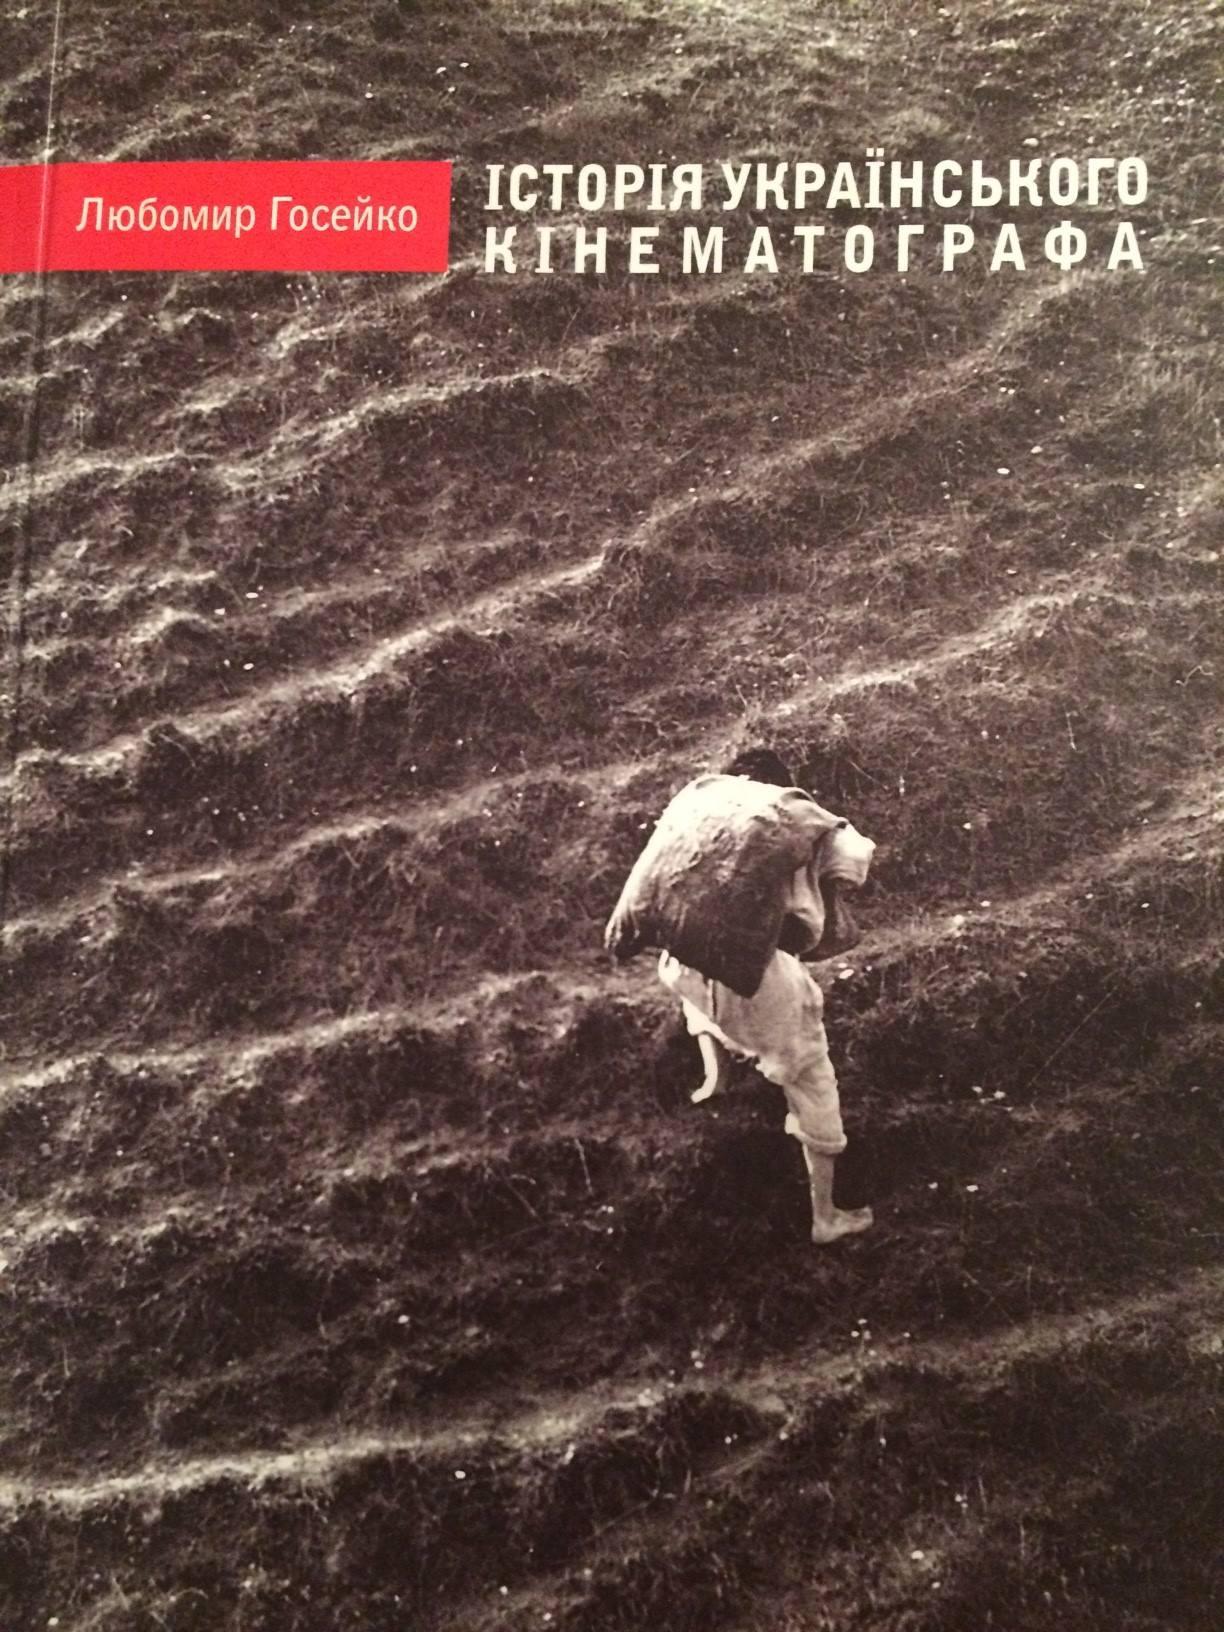 Любомир Хосейко – Історія українського кінематографа